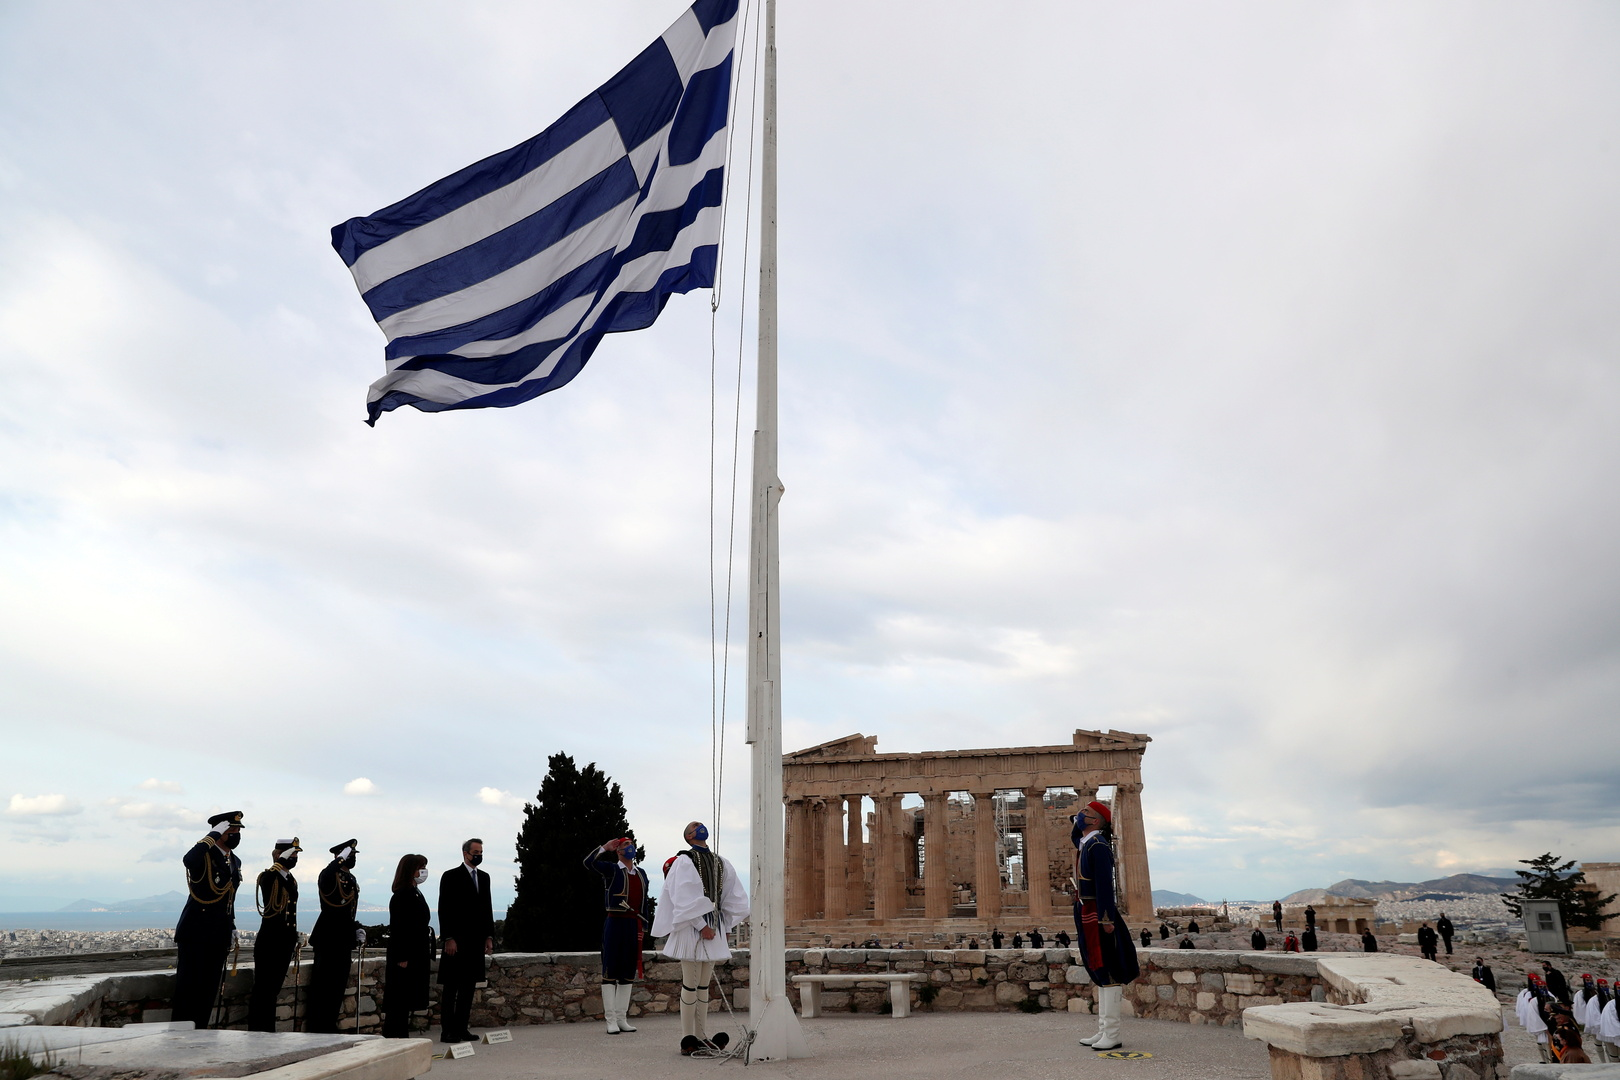 رئيس الوزراء اليوناني يزور ليبيا الثلاثاء ويعيد فتح سفارة بلاده